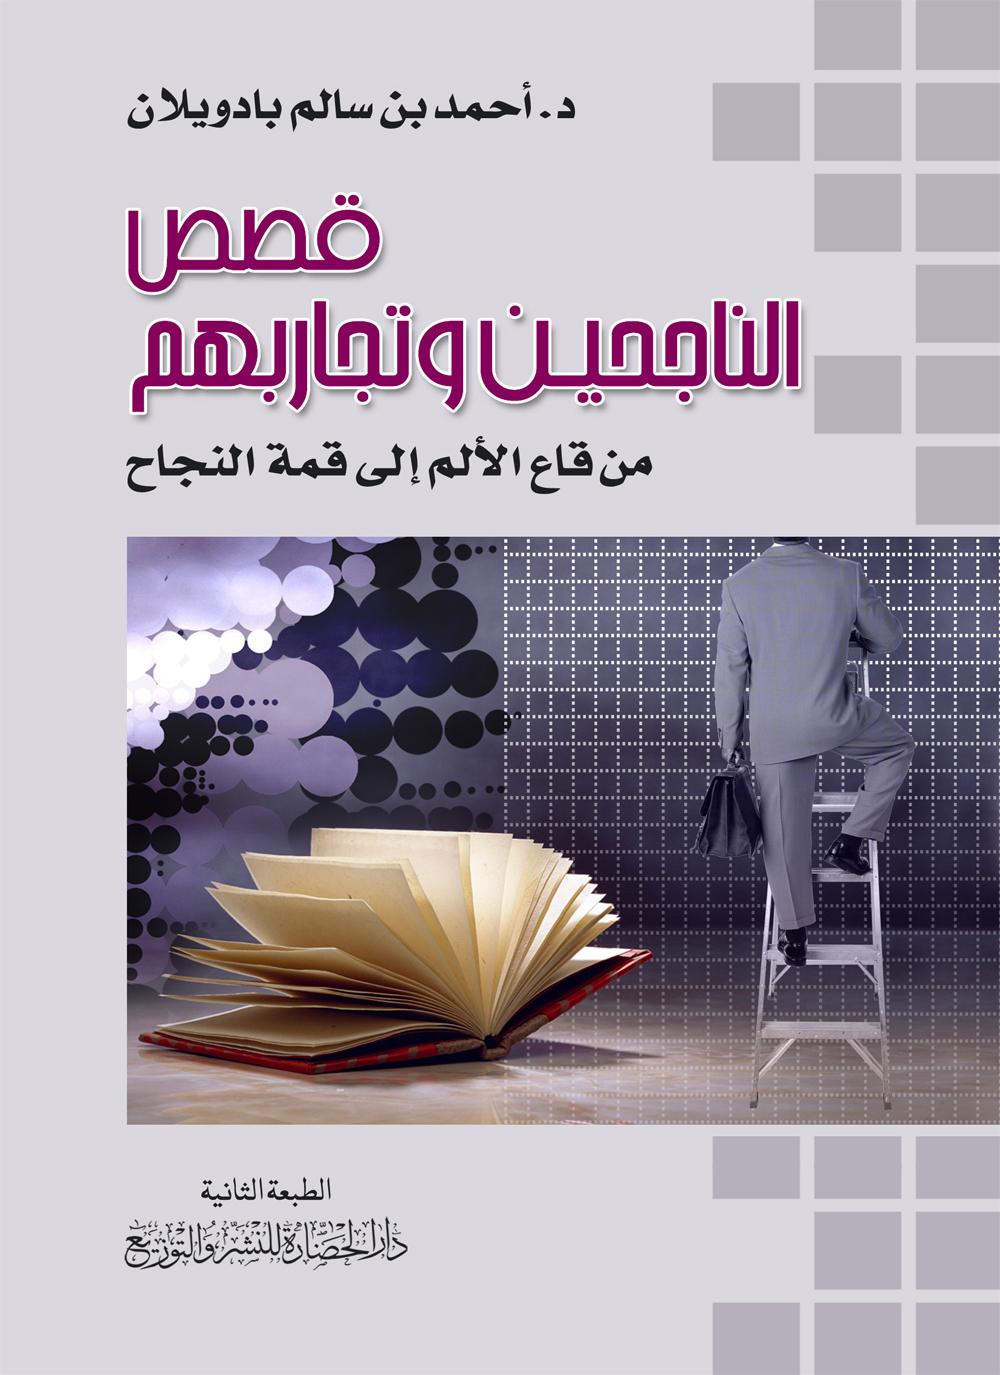 كتاب قصص الناجحين وتجاربهم للكاتب الدكتور أحمد بن سالم بادويلان